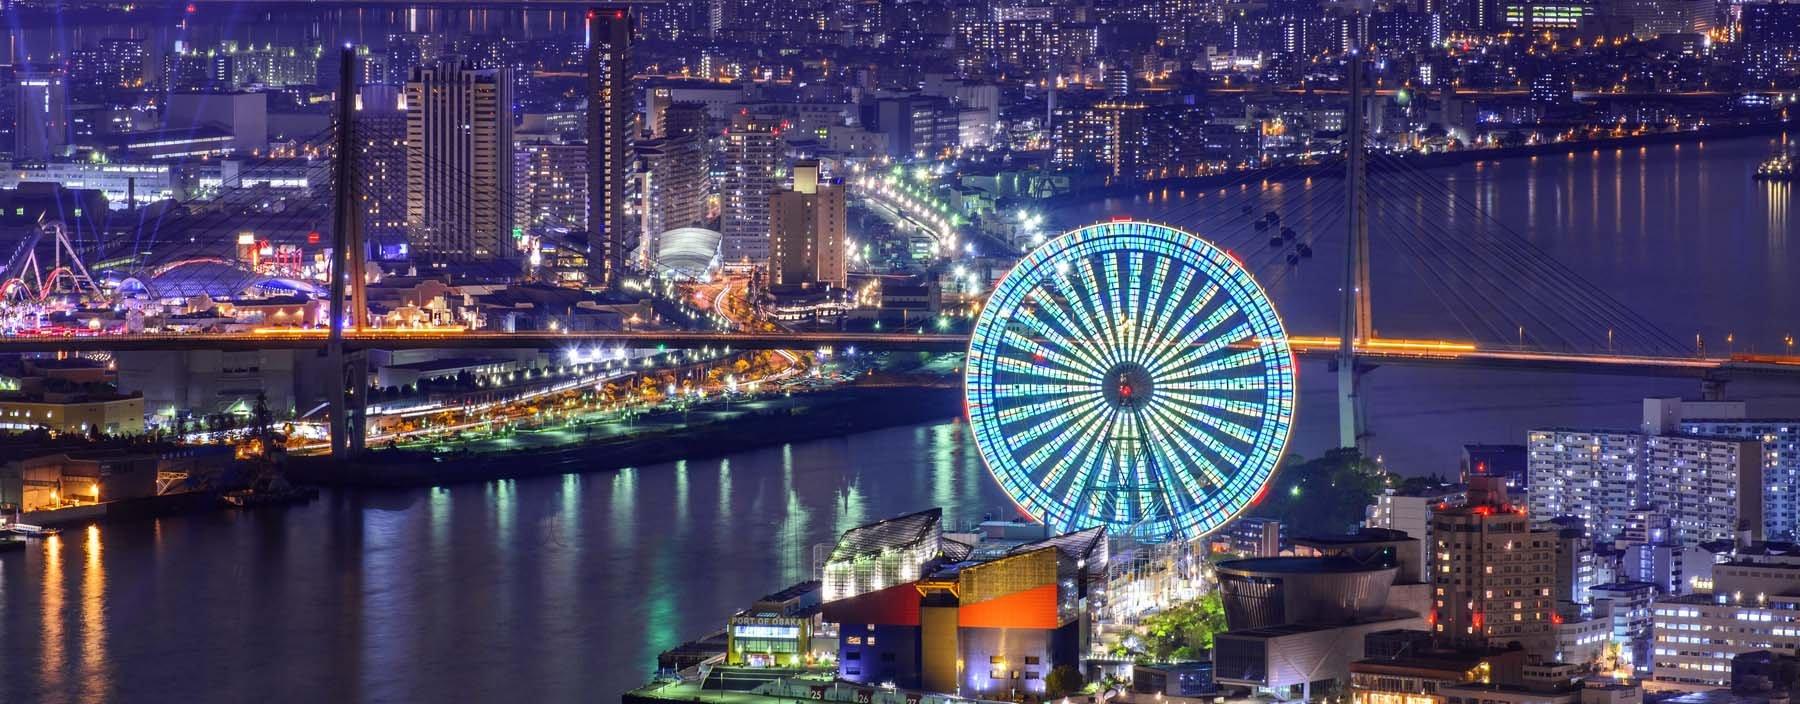 jp, osaka, night view.jpg